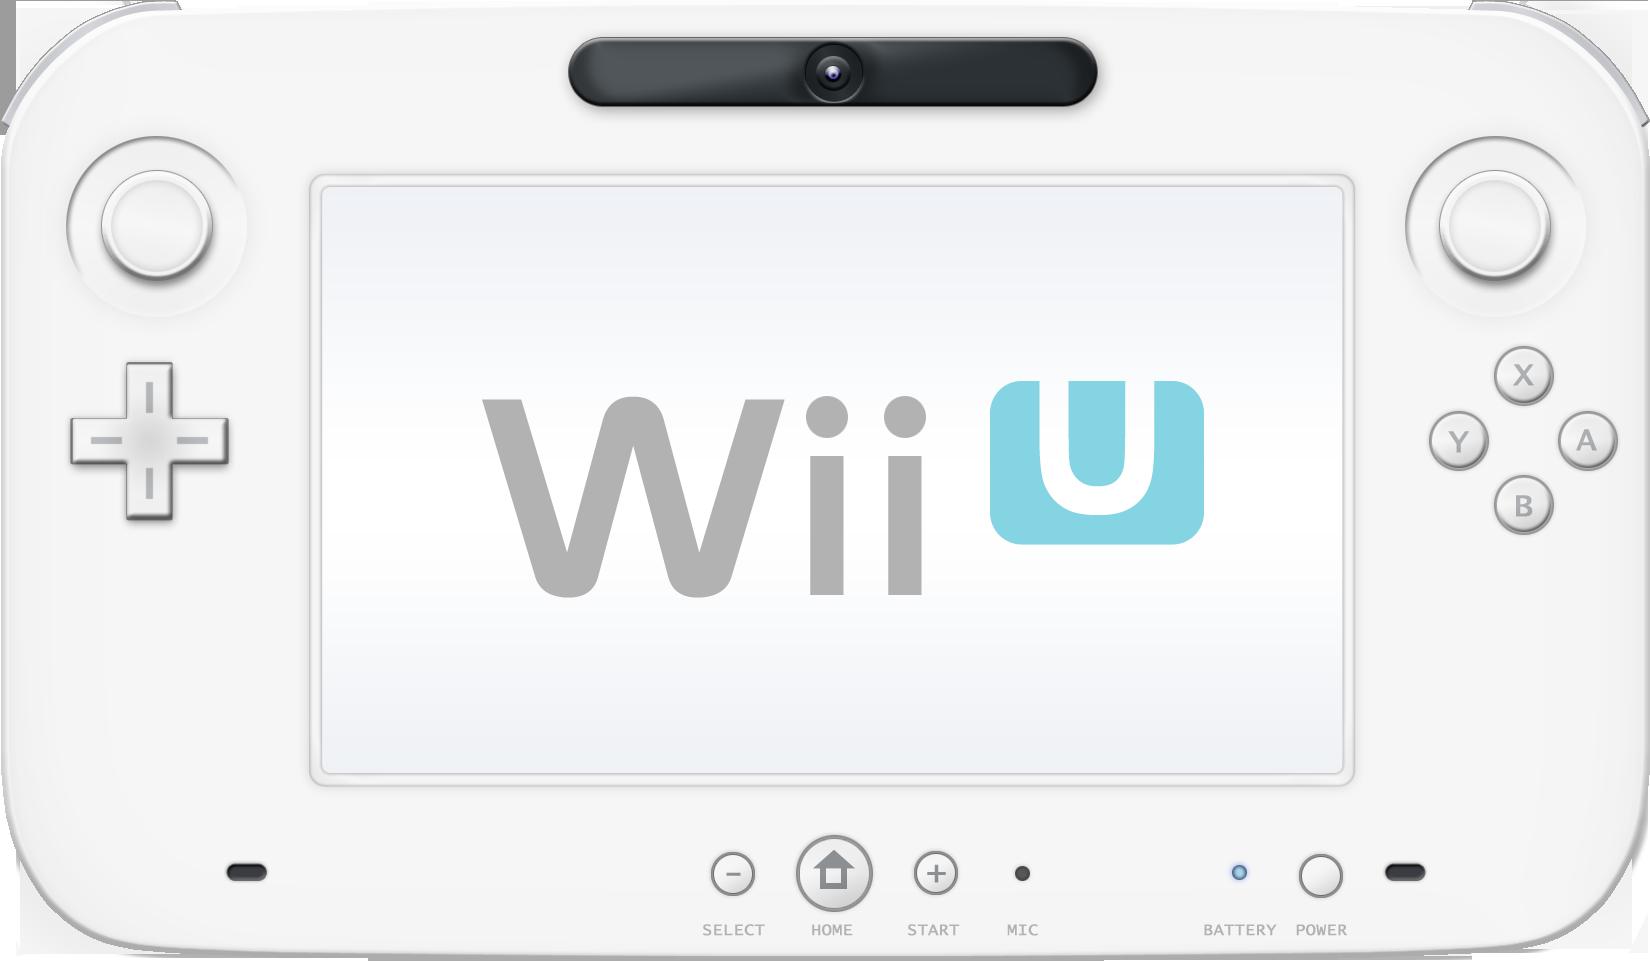 1650x961 Cg Wii U Controller By Blueamnesiac